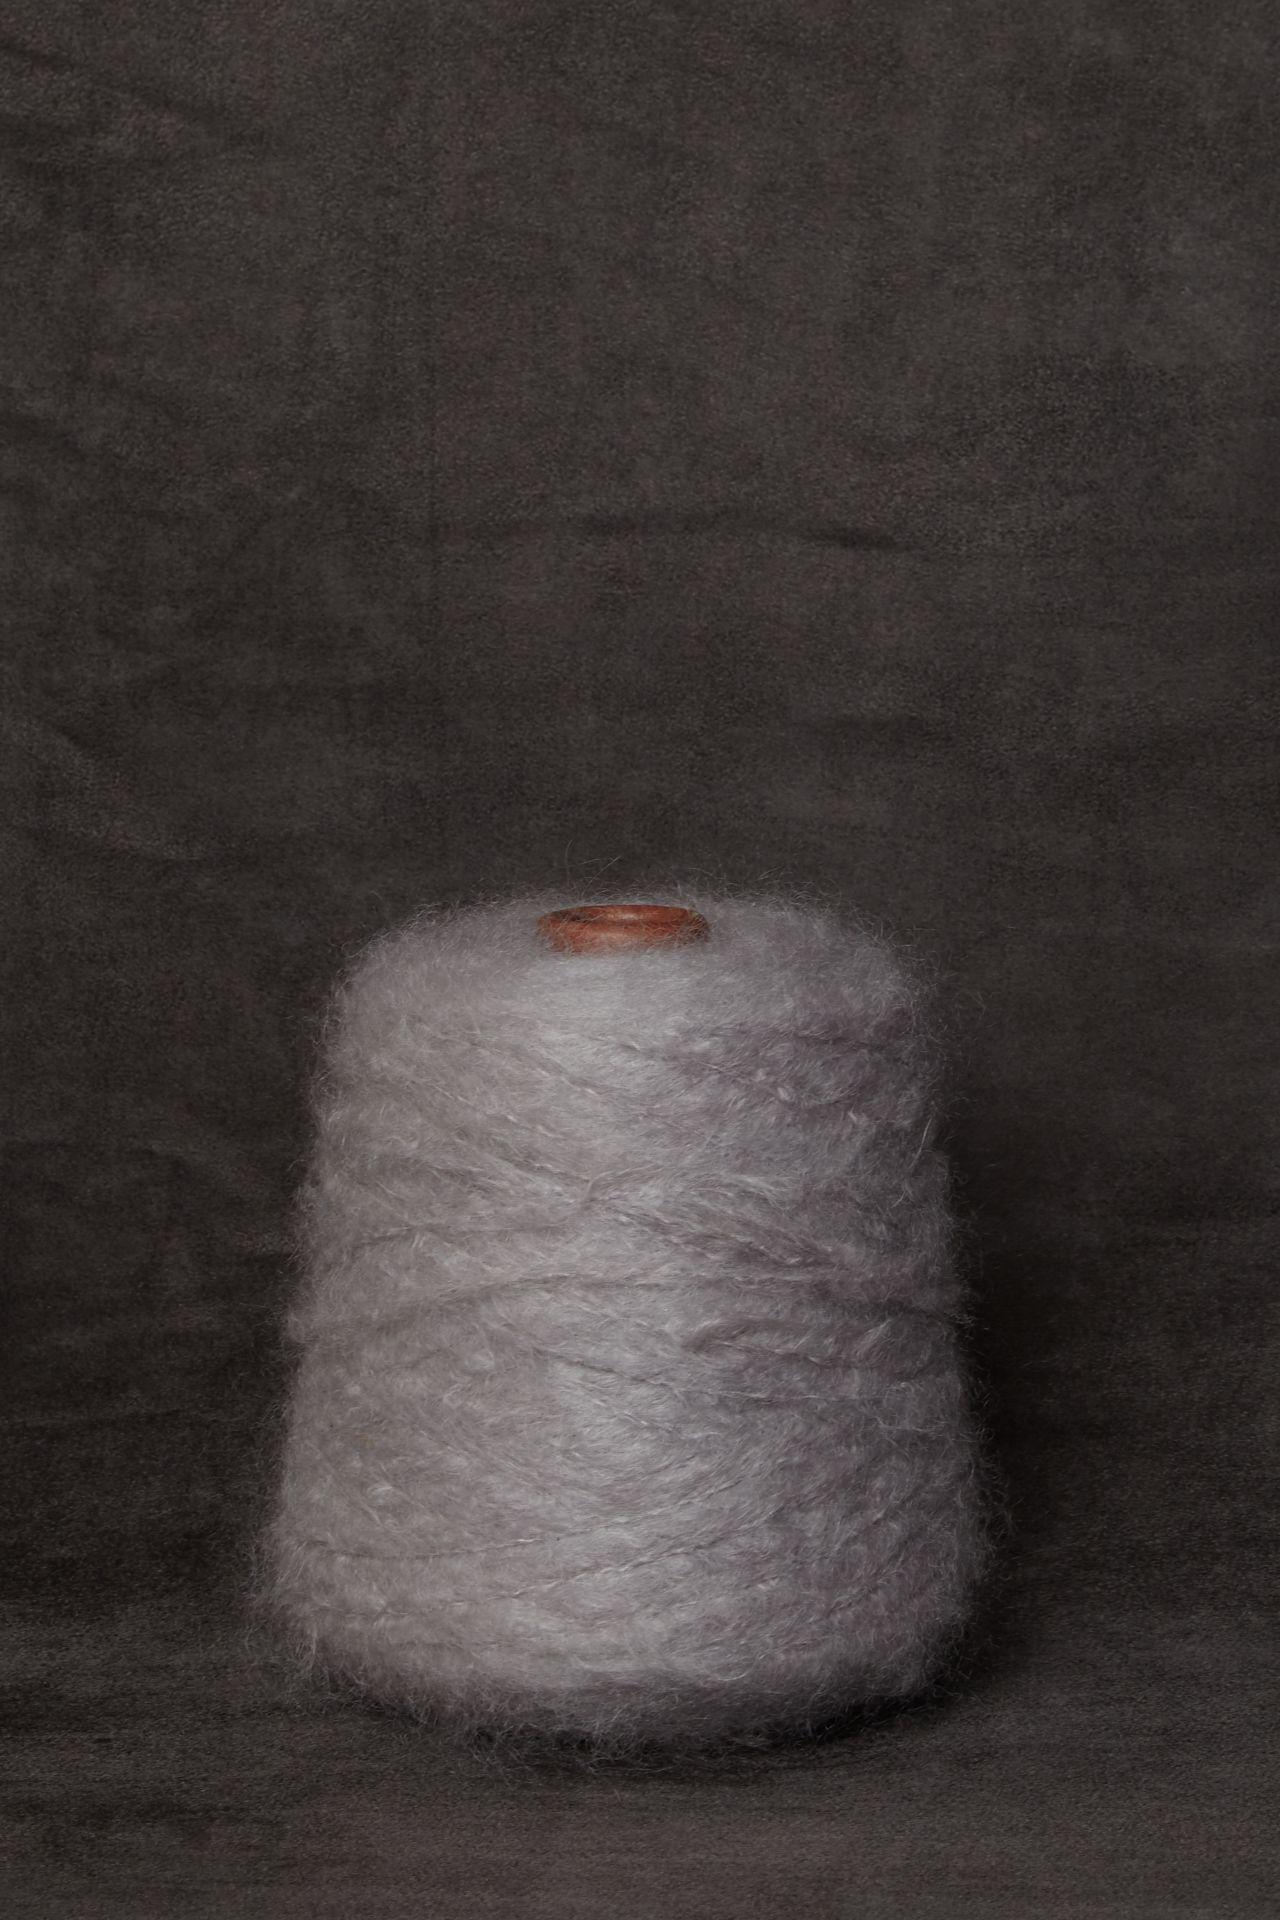 Mohair light gray garen packshot.